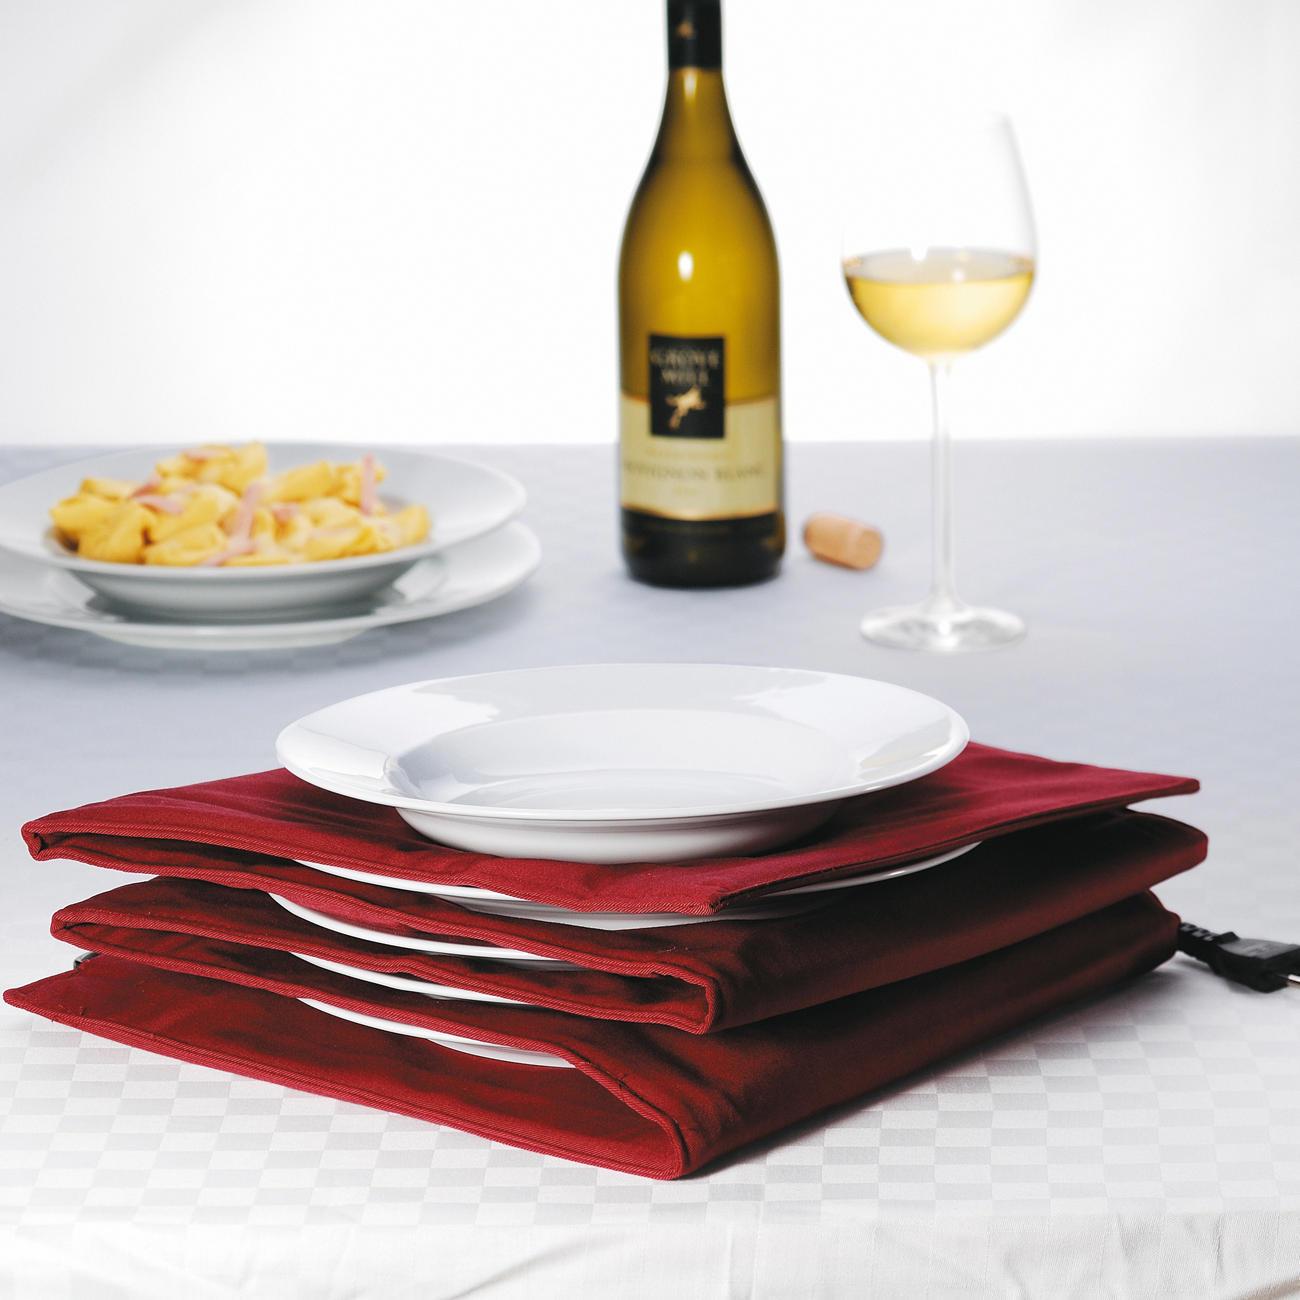 Tellerwärmer Für Pasta  Und Menüteller Mit Heißer Essfläche Und Handwarmen  Rändern. Für Bis Zu